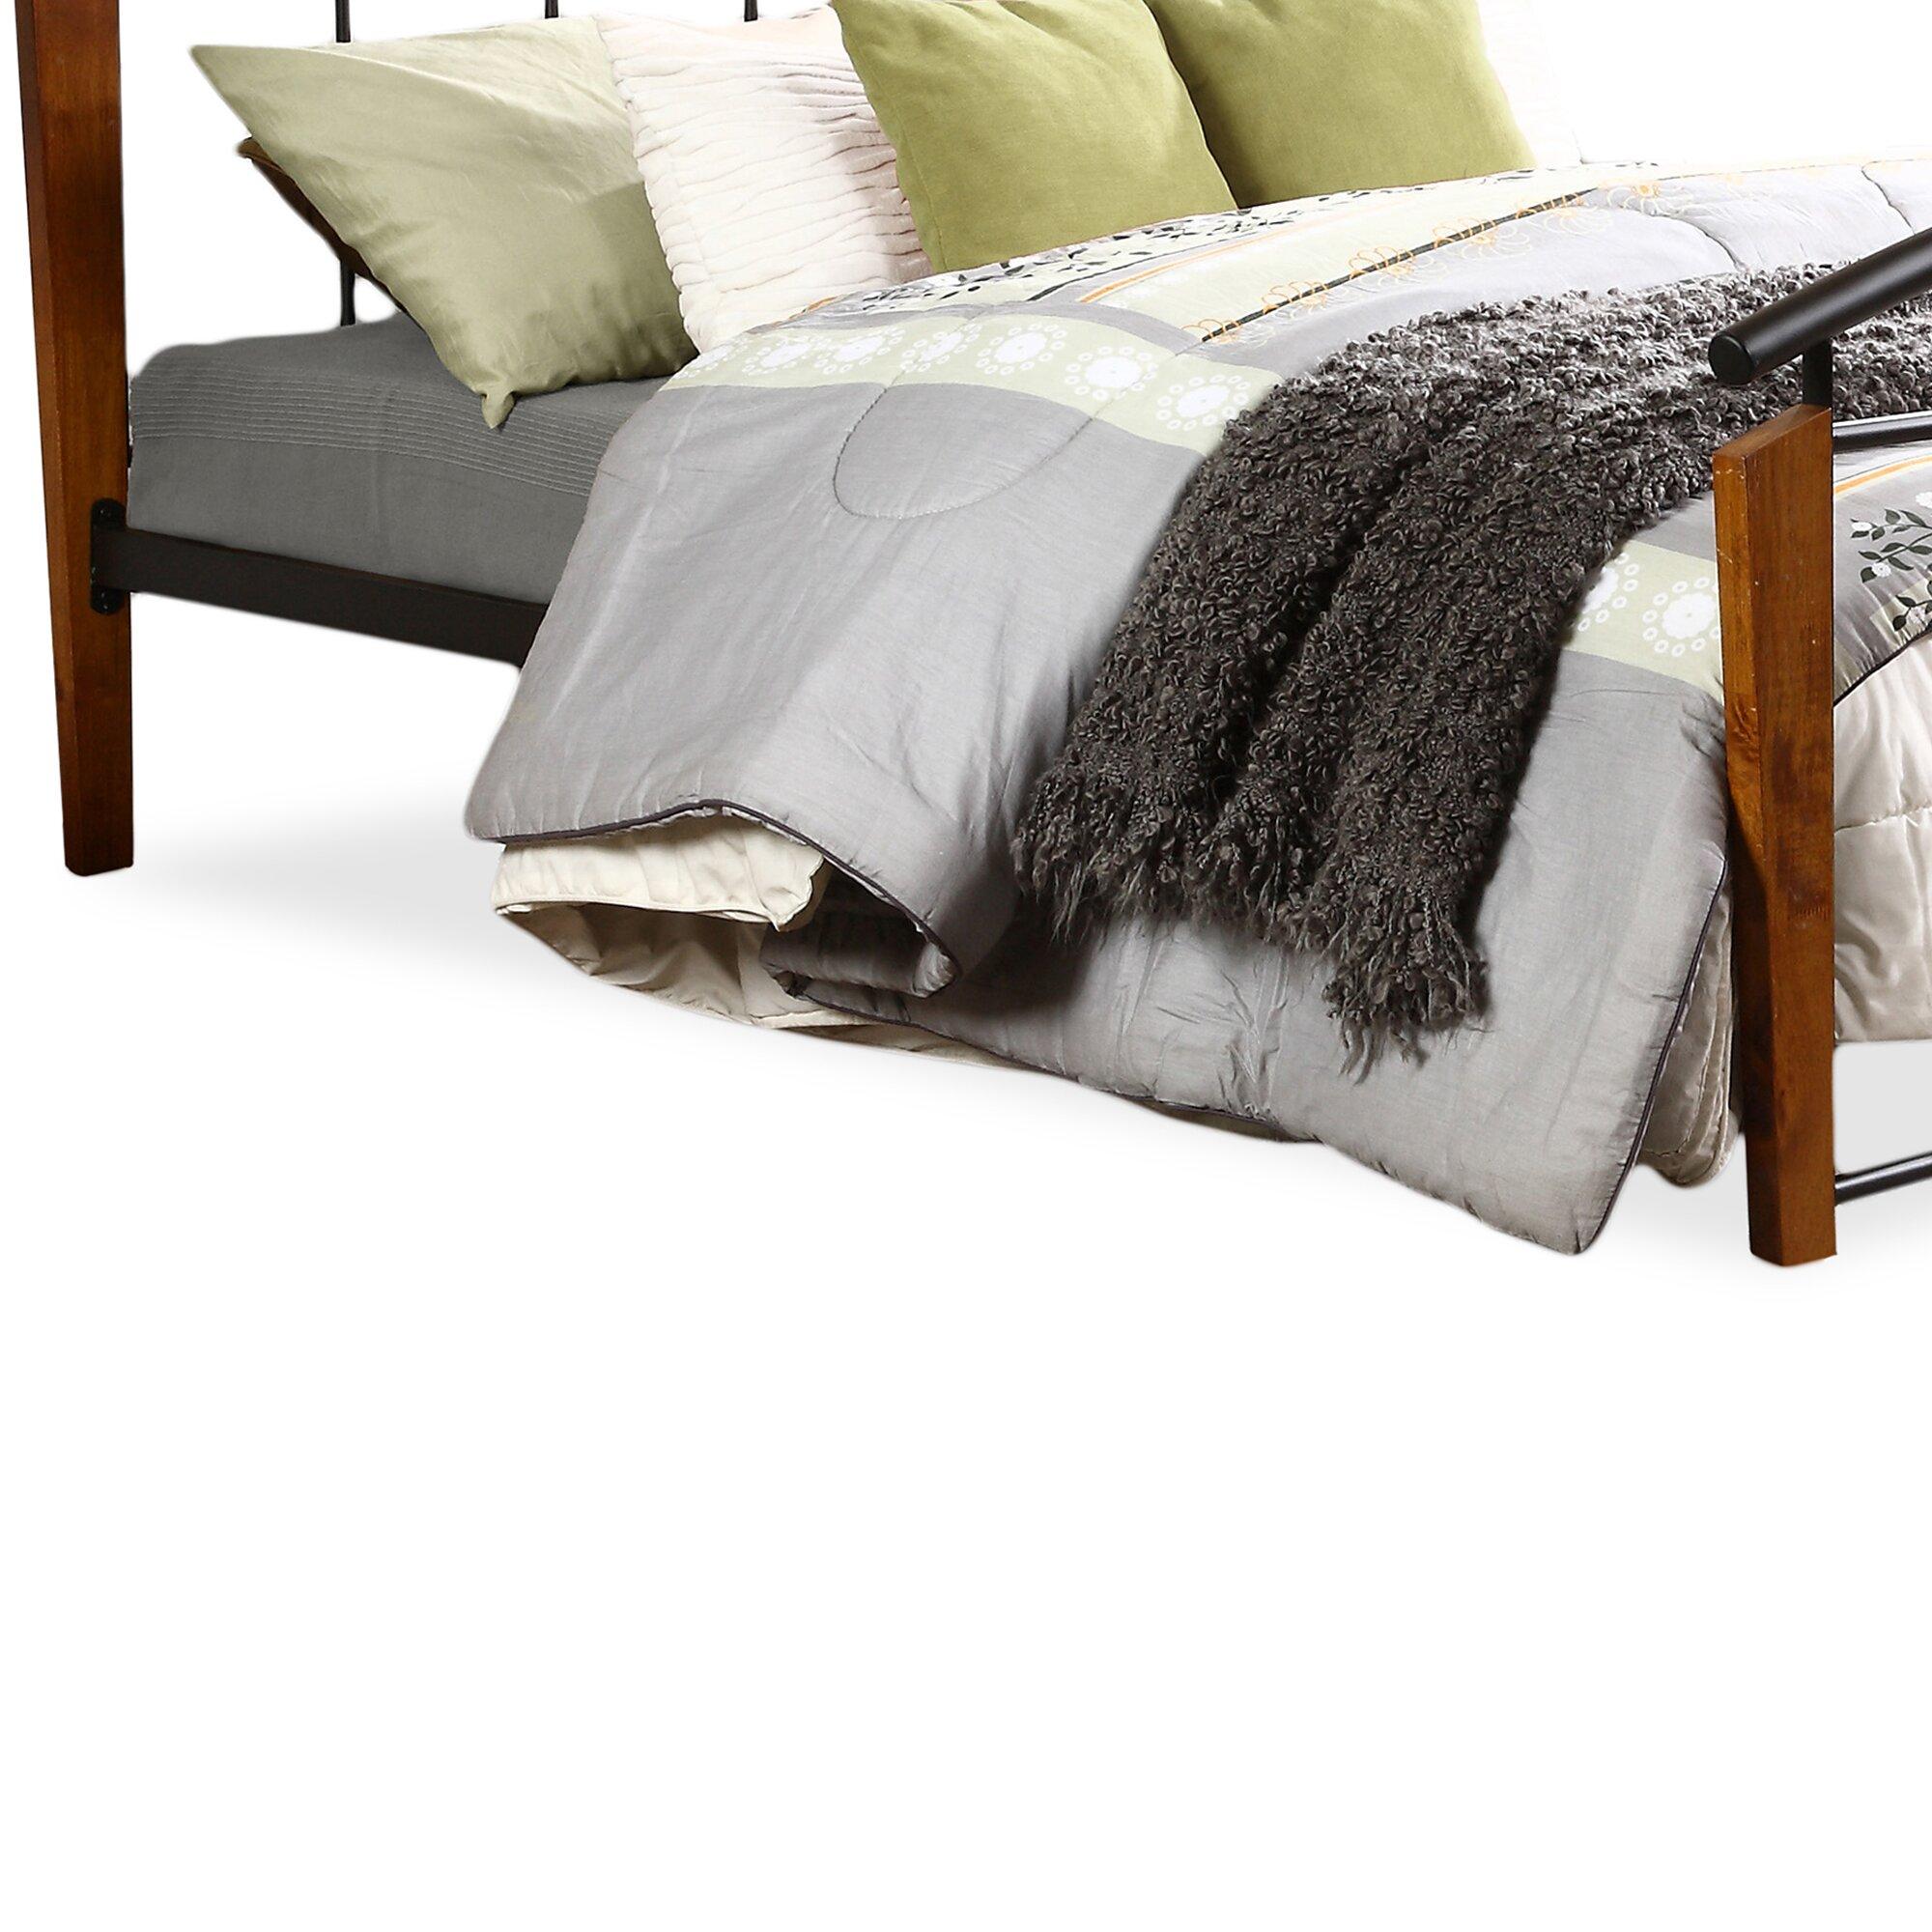 Optimus Metal And Dark Walnut Wood Queen Size Platform Bed